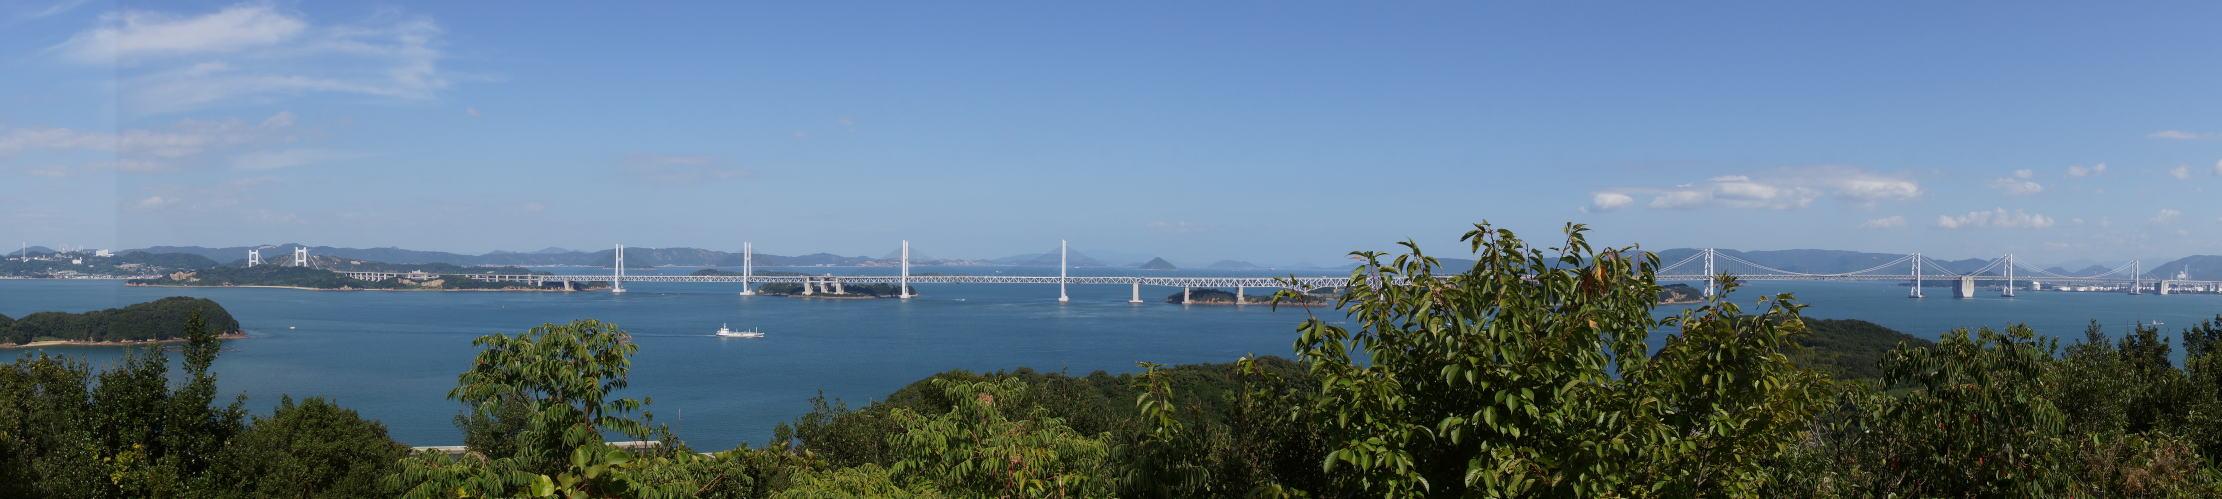 瀬戸大橋 from 本島 遠見山展望台